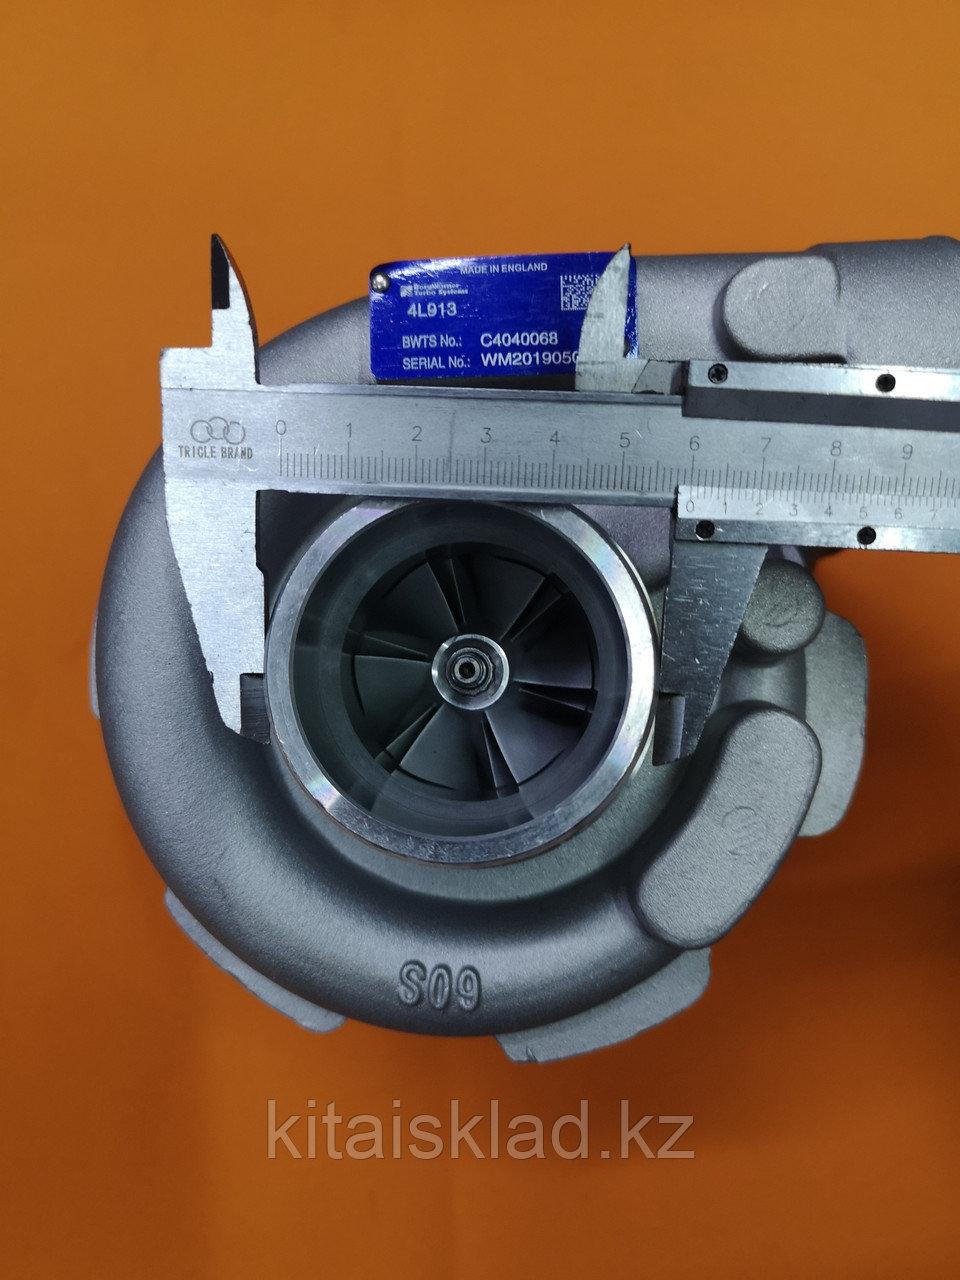 Турбина  WM2019050802 (C4040068) на двигатель DEUTZ BF 4L913